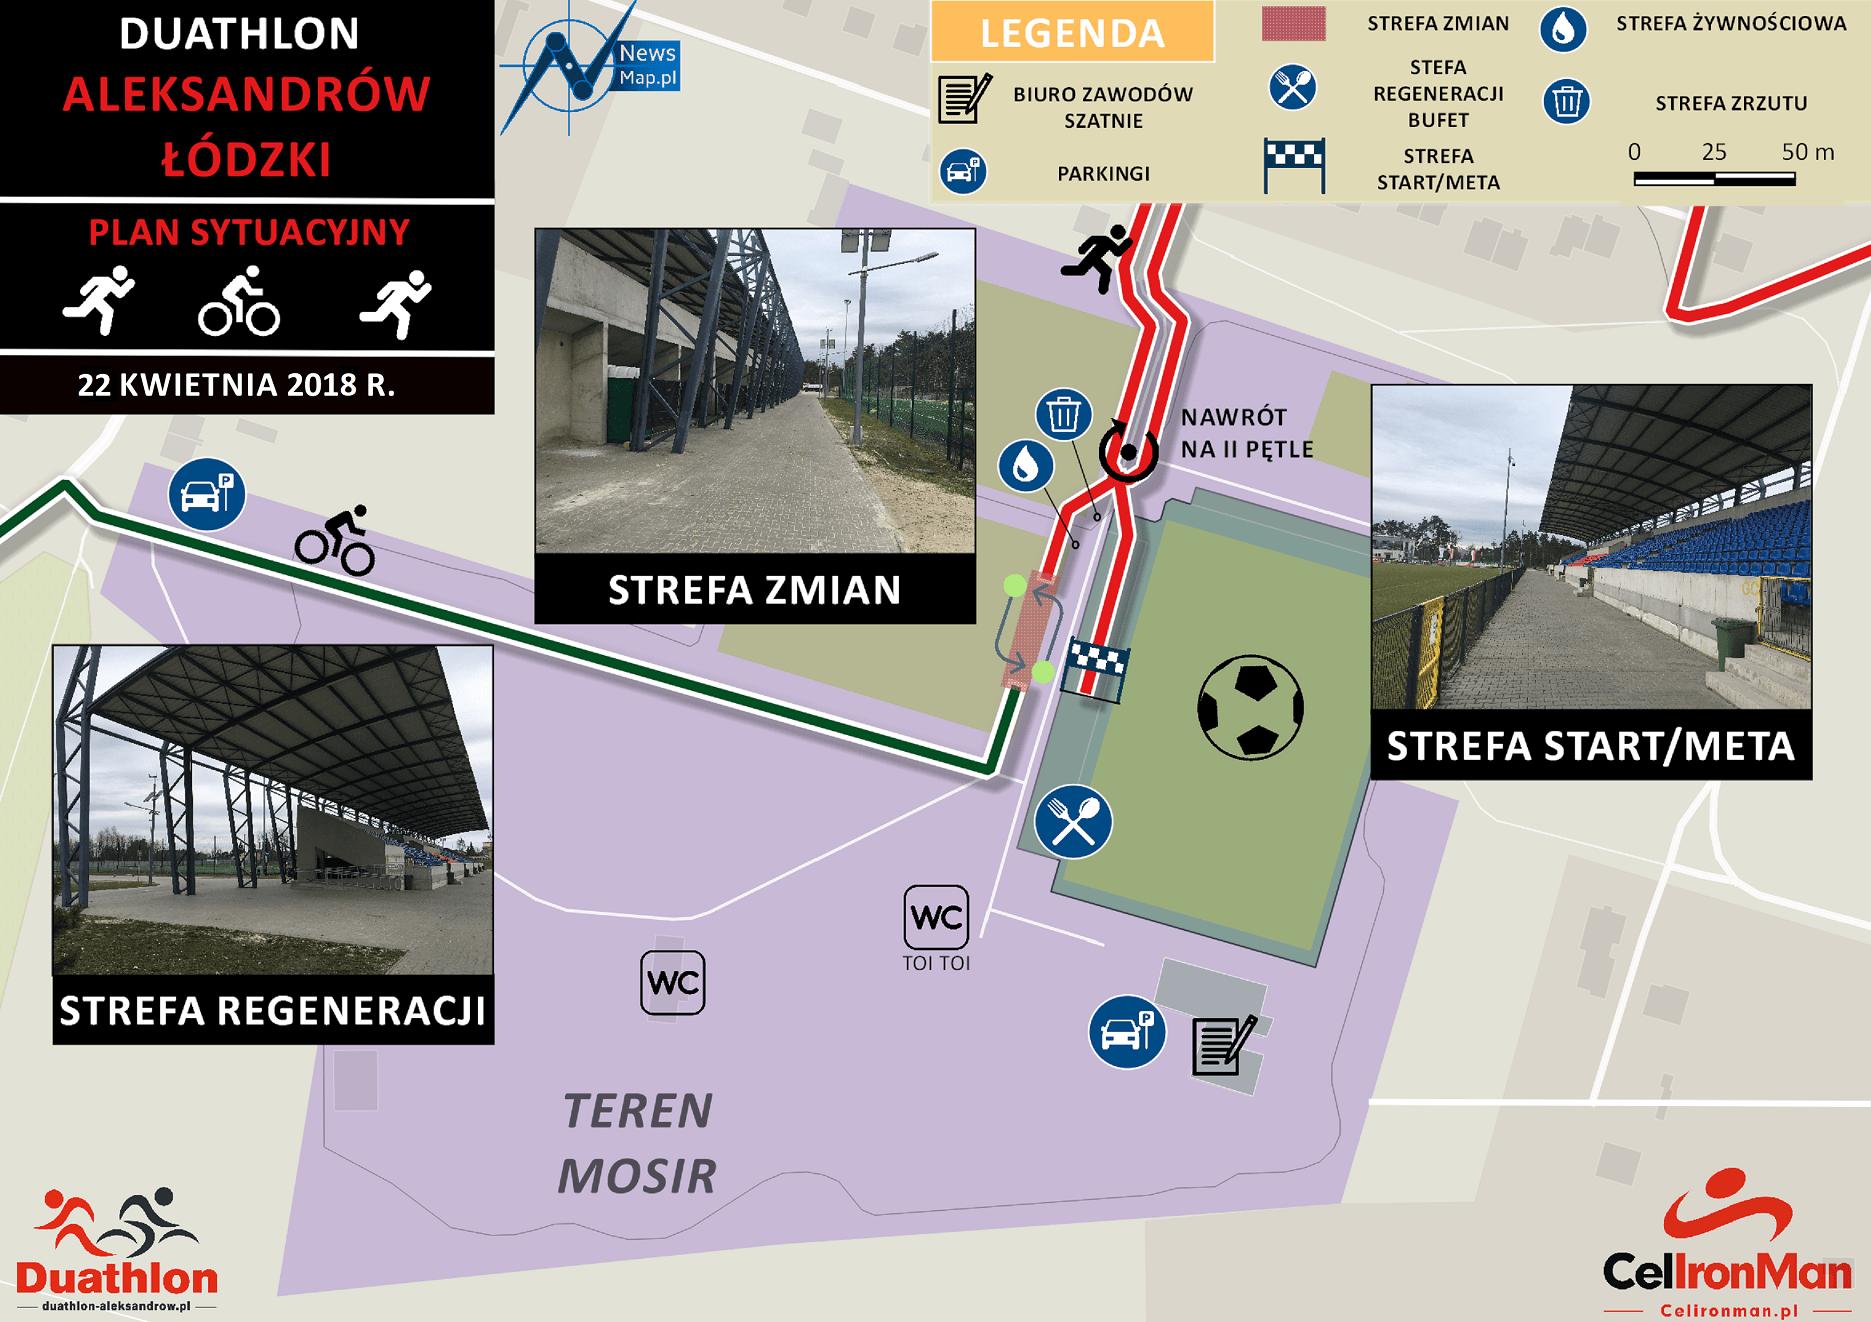 Duathlon Aleksandrów - plan sytuacyjny online